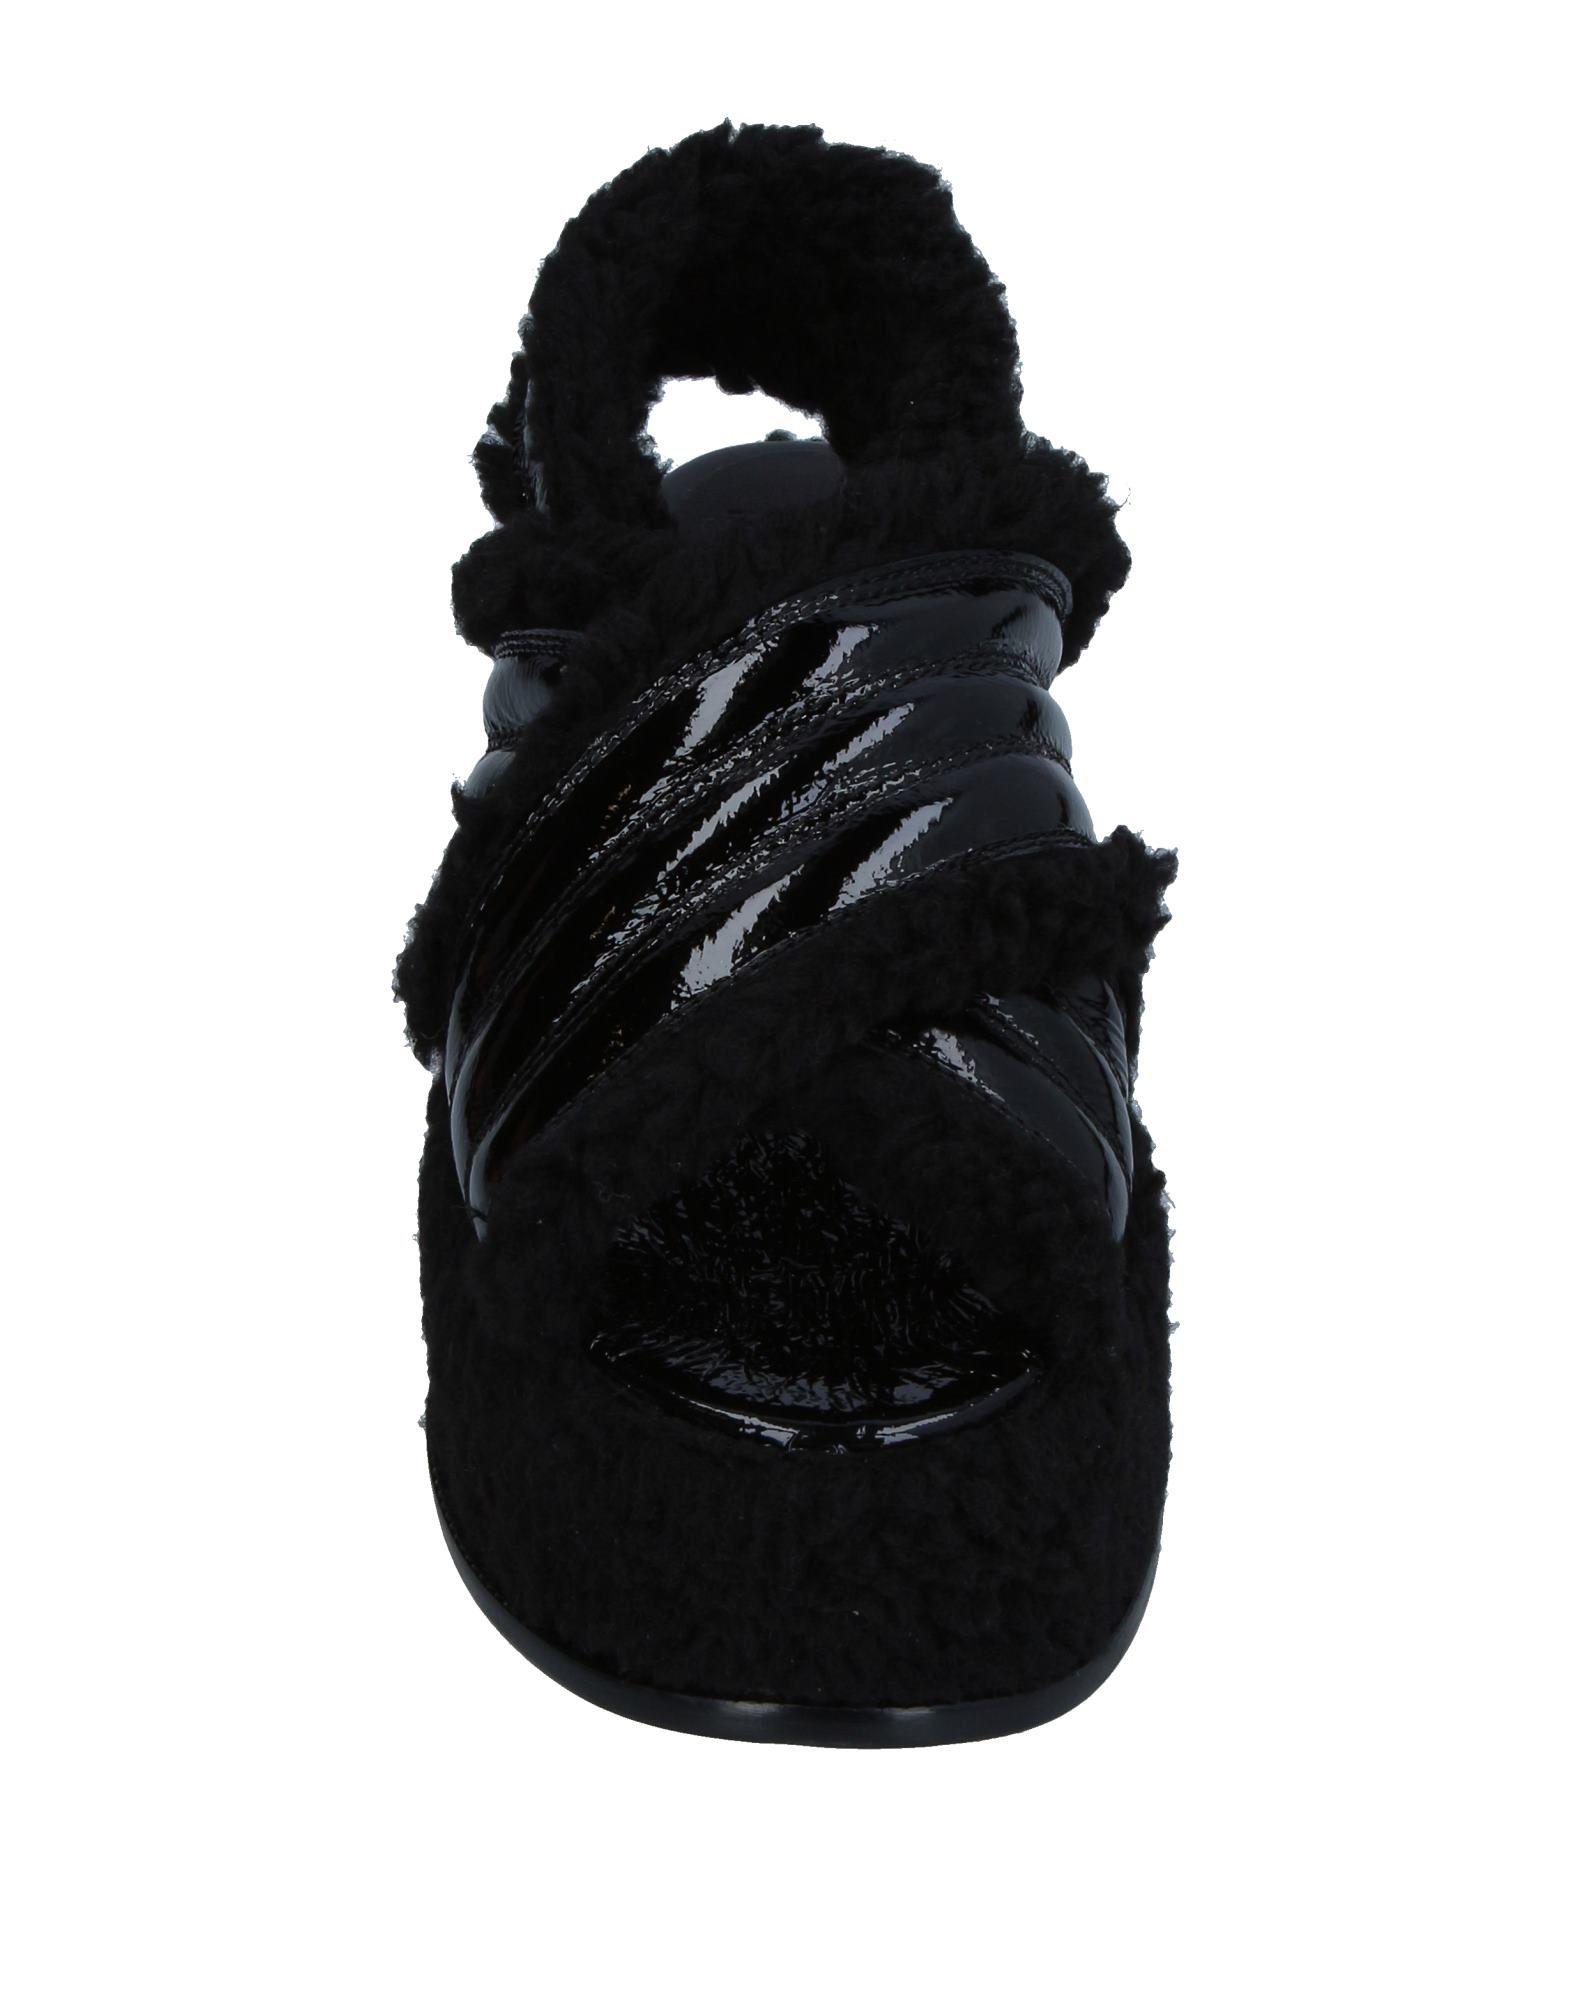 Mm6 Maison Margiela Sandalen Damen Damen Damen  11334557KG Neue Schuhe 292305